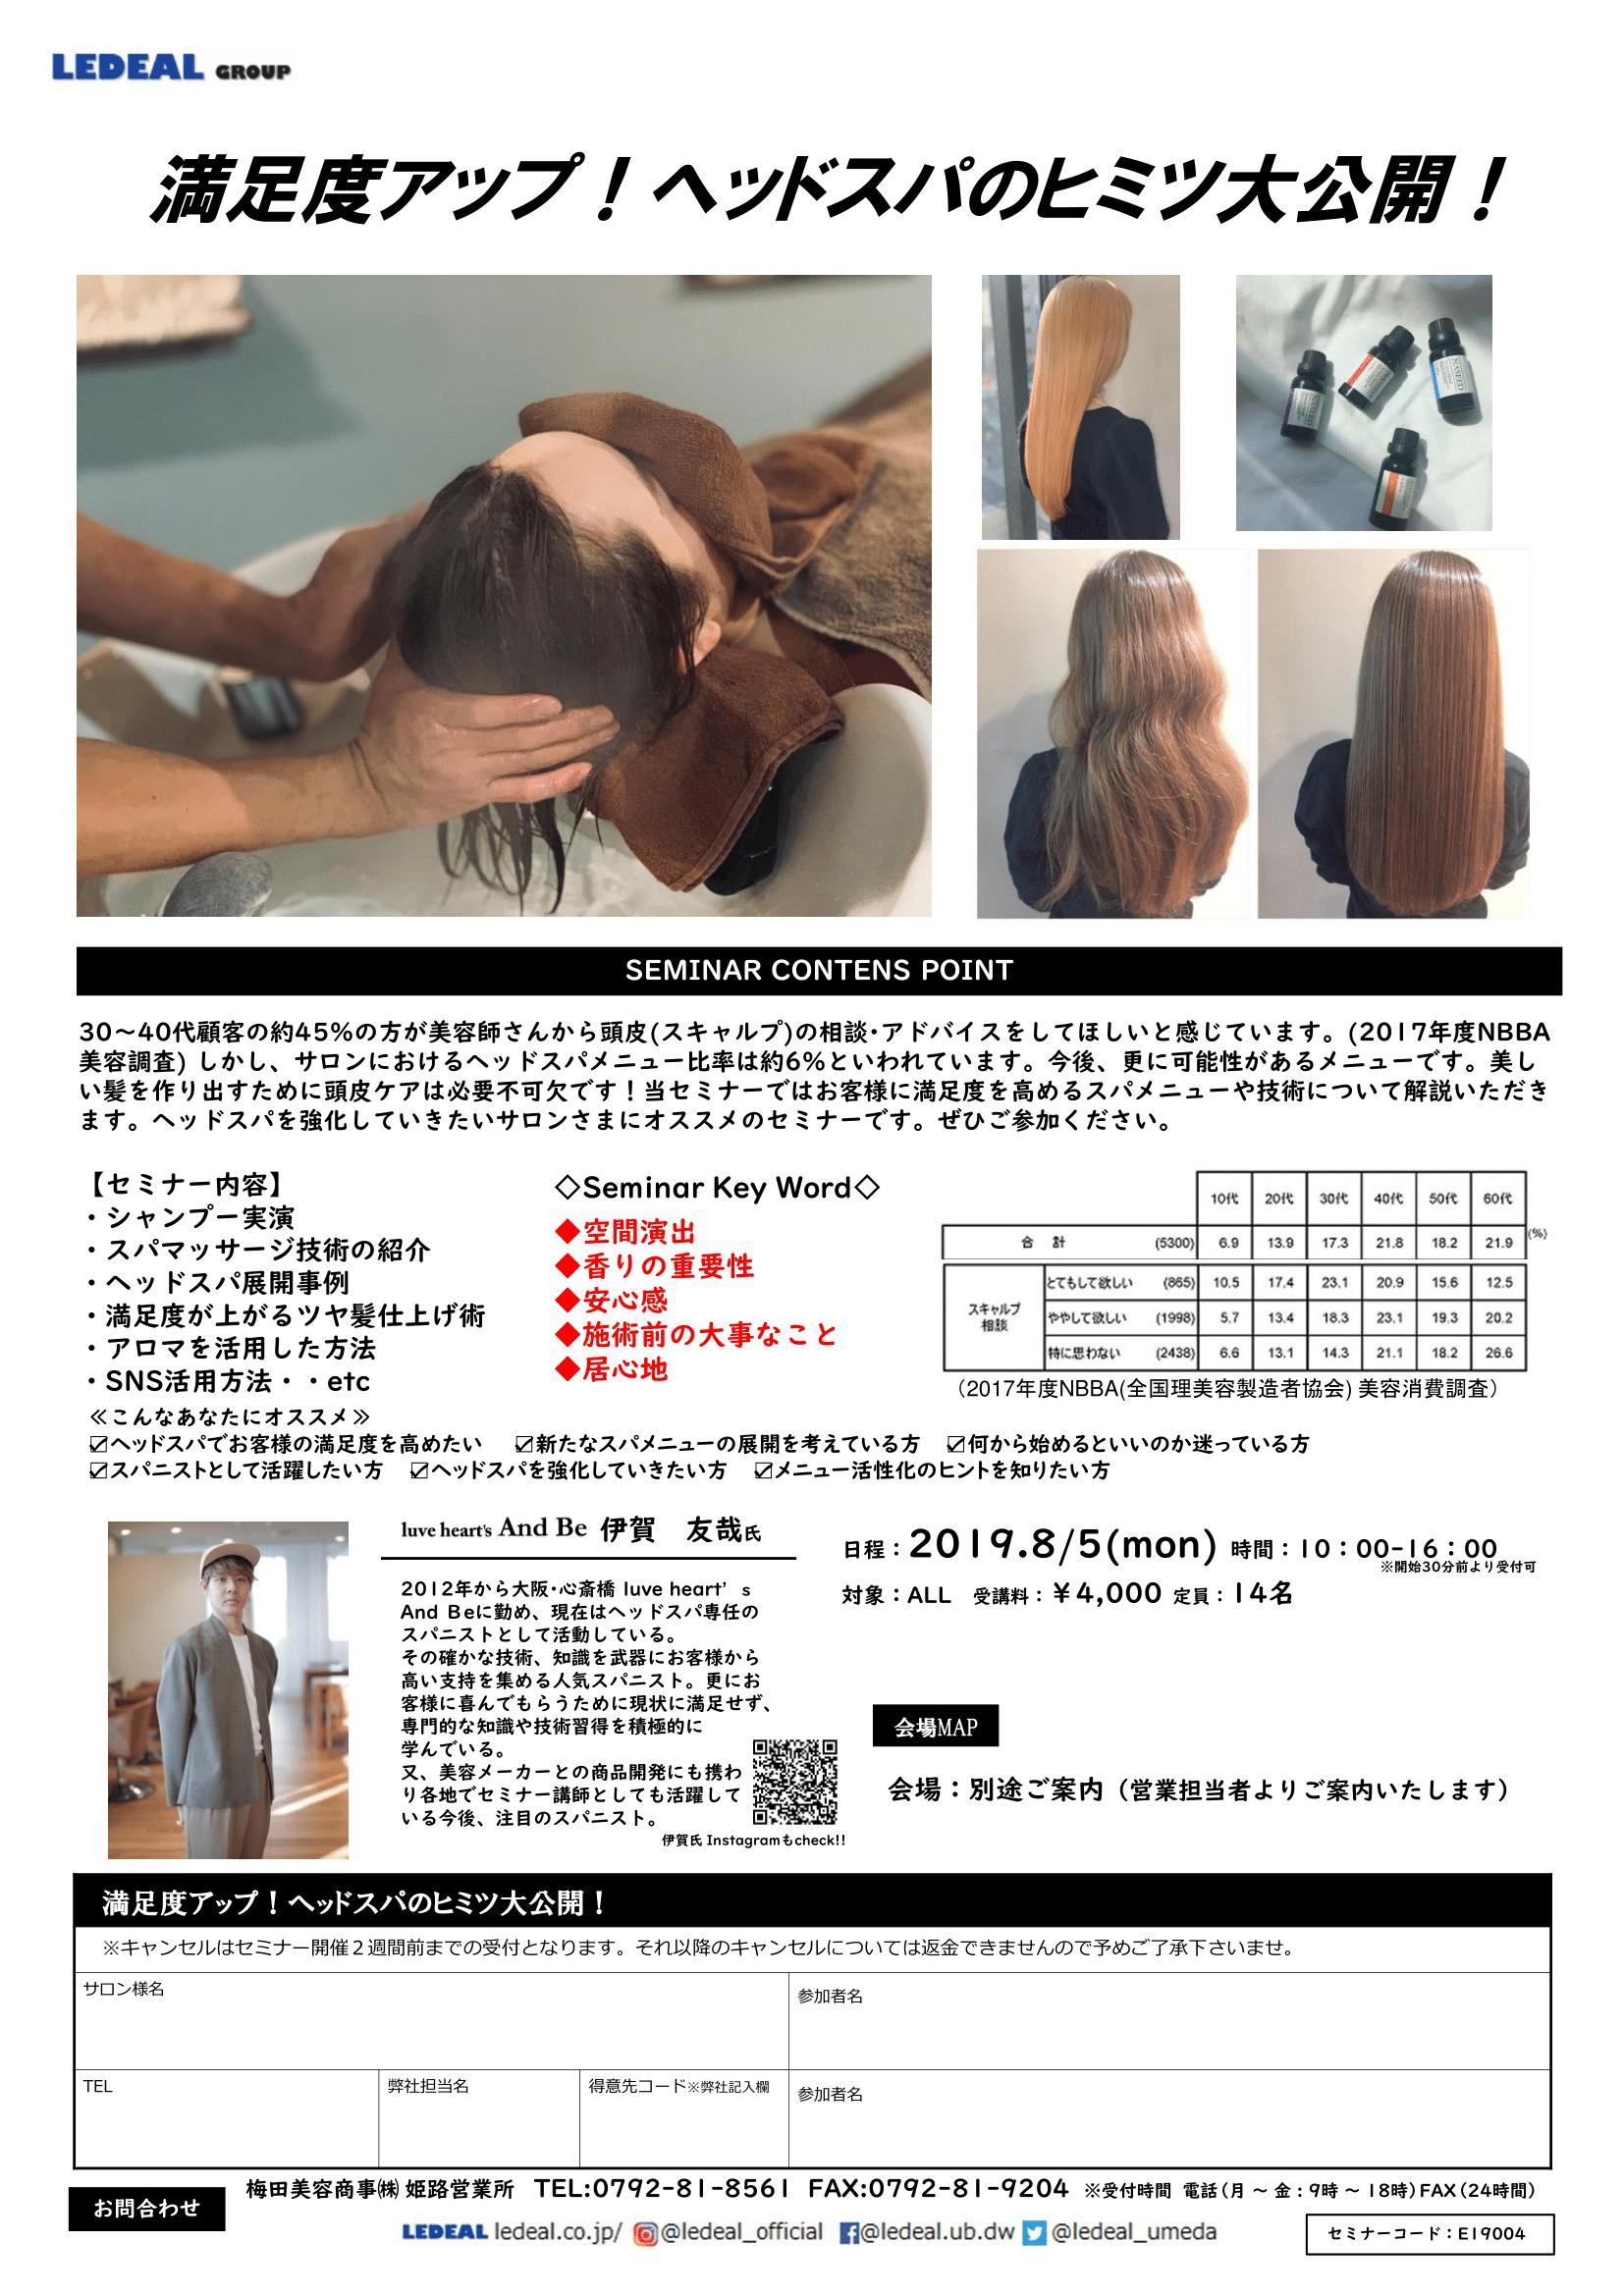 【姫路】満足度アップ!ヘッドスパのヒミツ大公開!